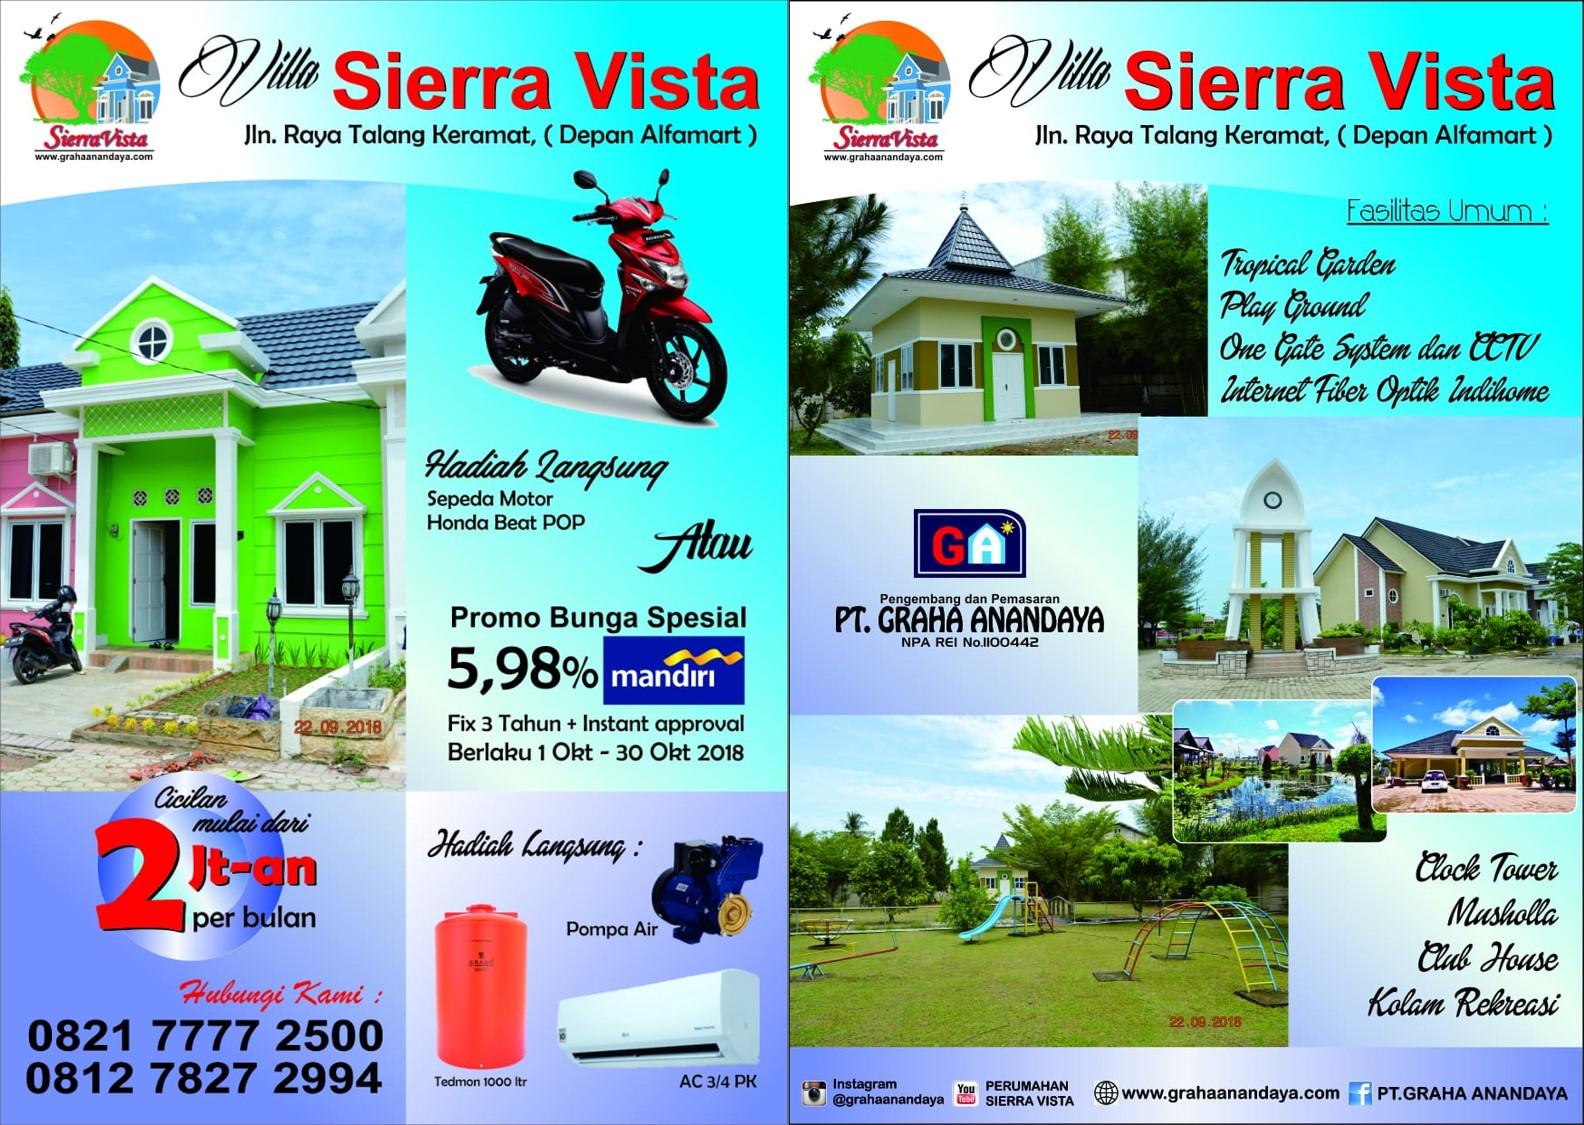 Rumah Baru Di Perumahan Sierra Vista Palembang Graha Anandaya